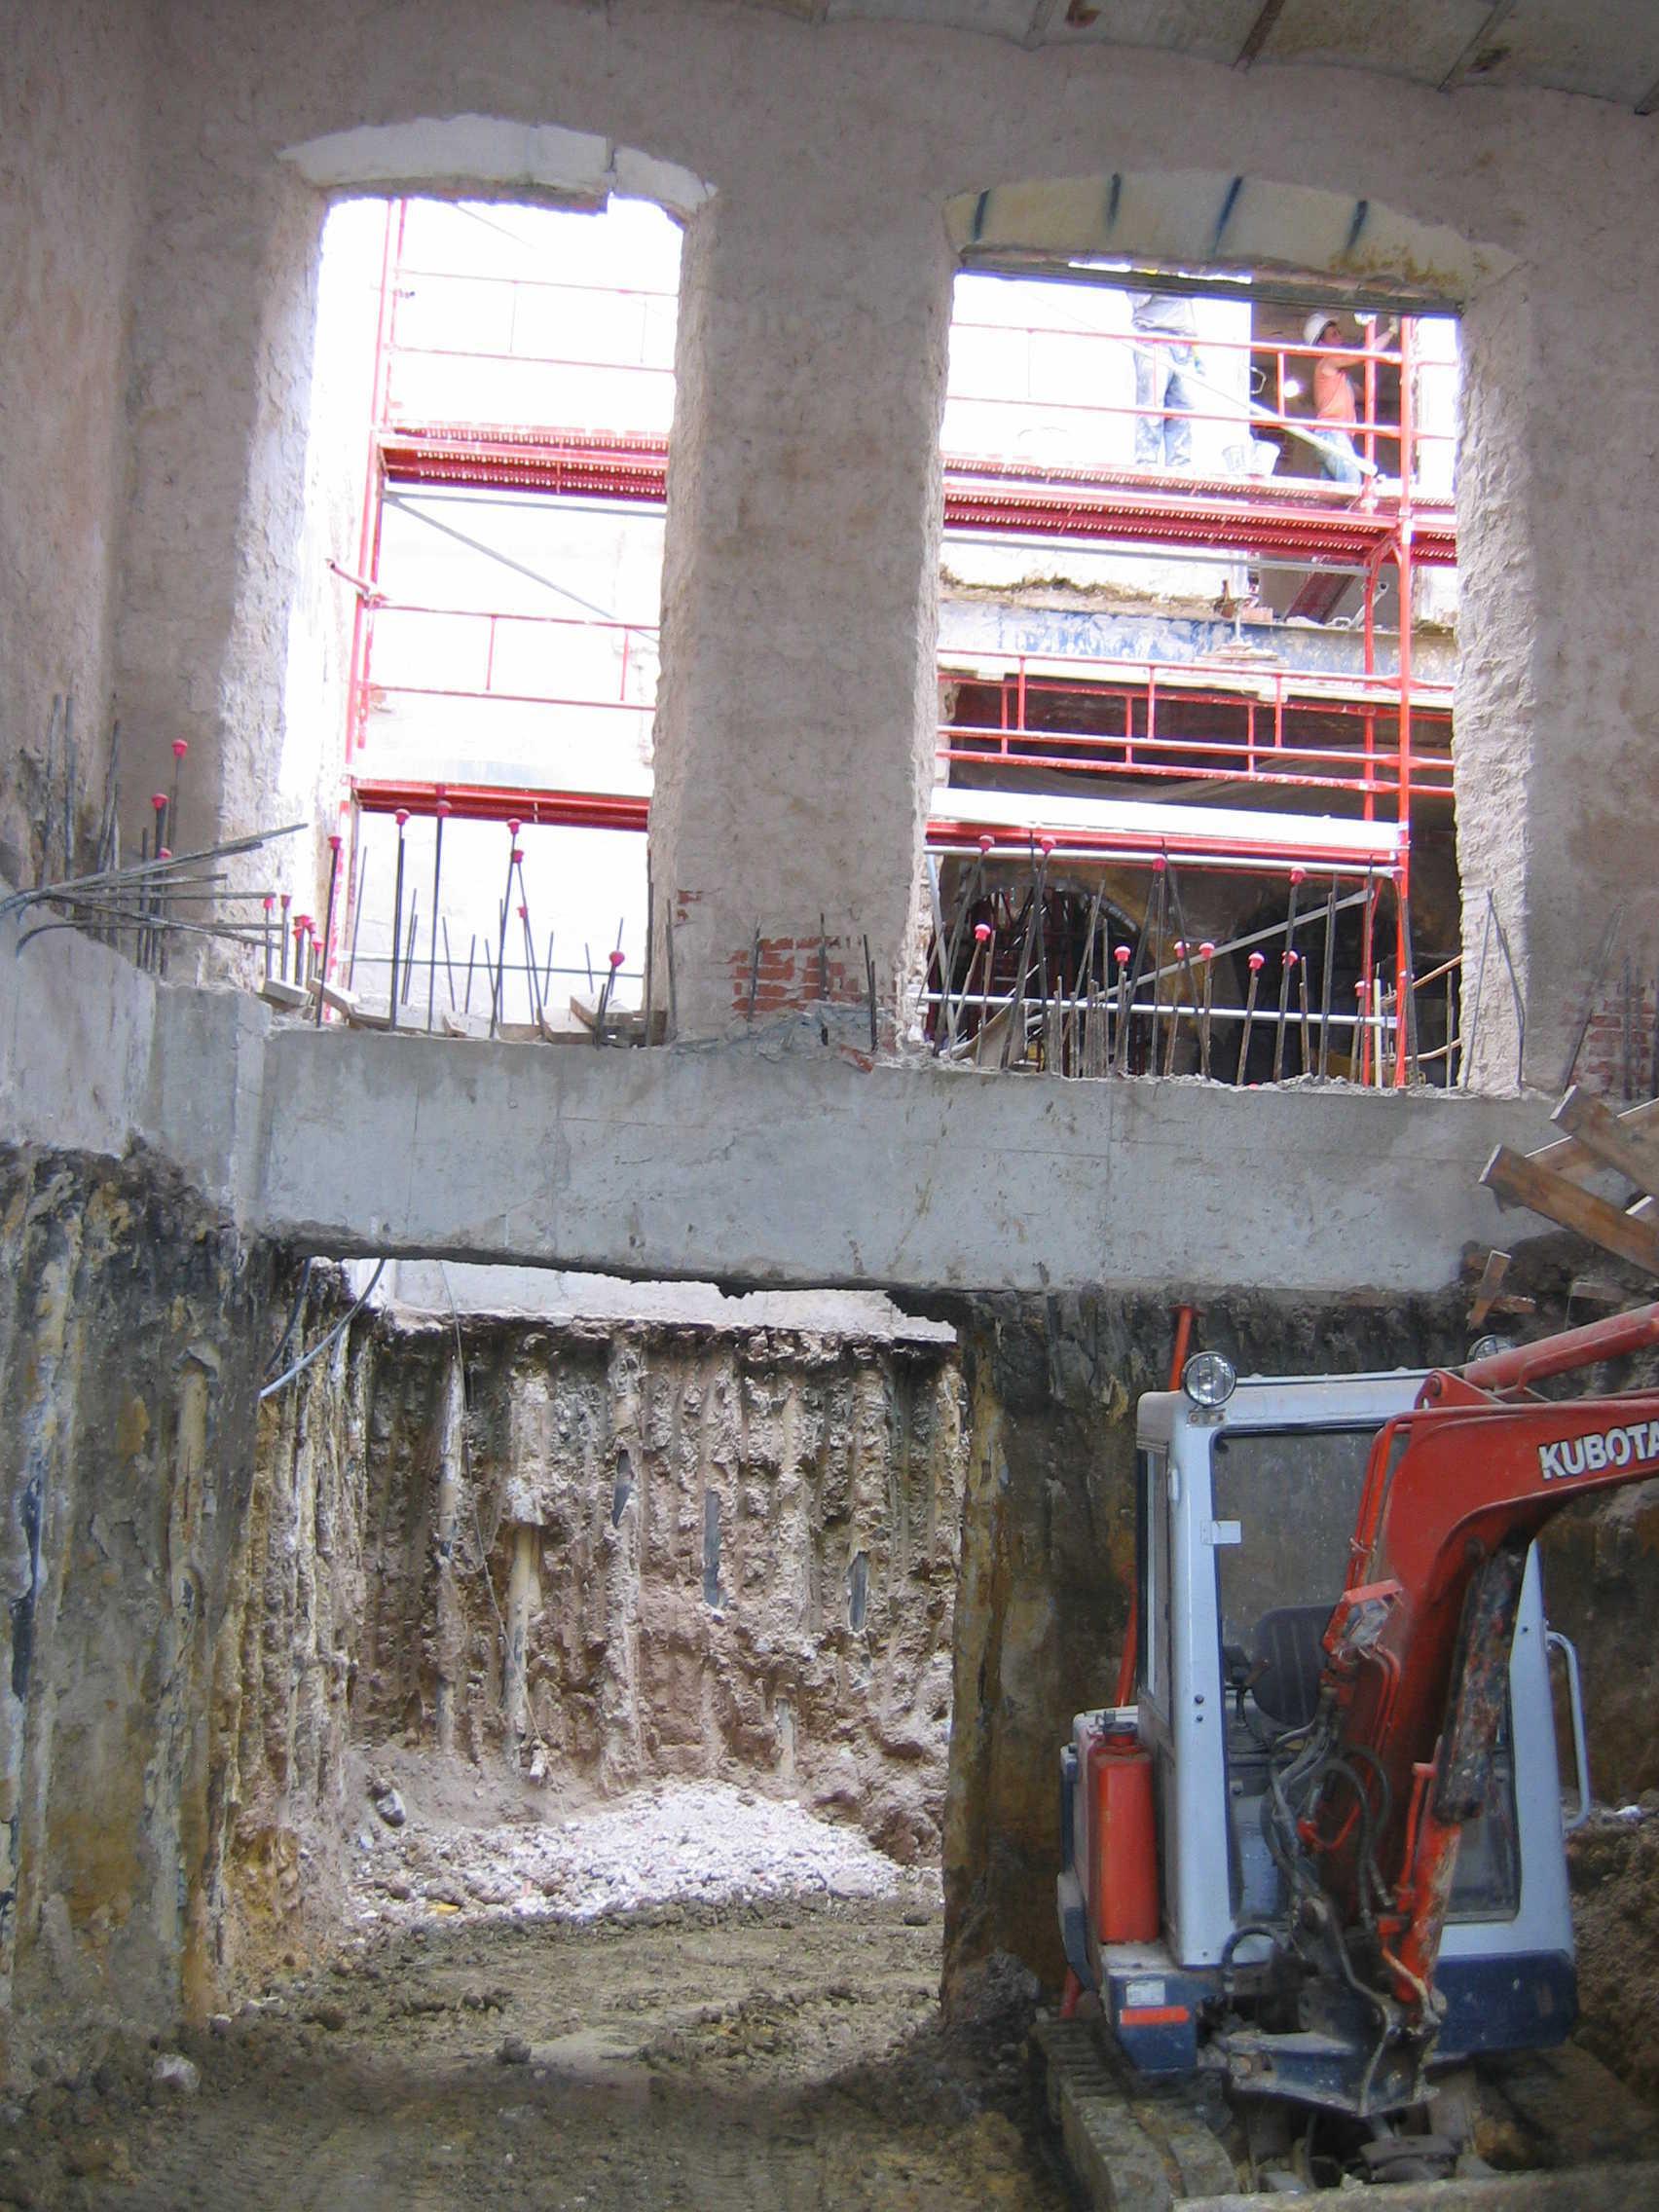 Reforma Hotel Albaicín para balneario y restaurante, en Coín (Málaga)</br></br> 2007</br></br> <h4>Cliente: BiArquitectos (Luis Biarge y Pedro Biarge)</h4>